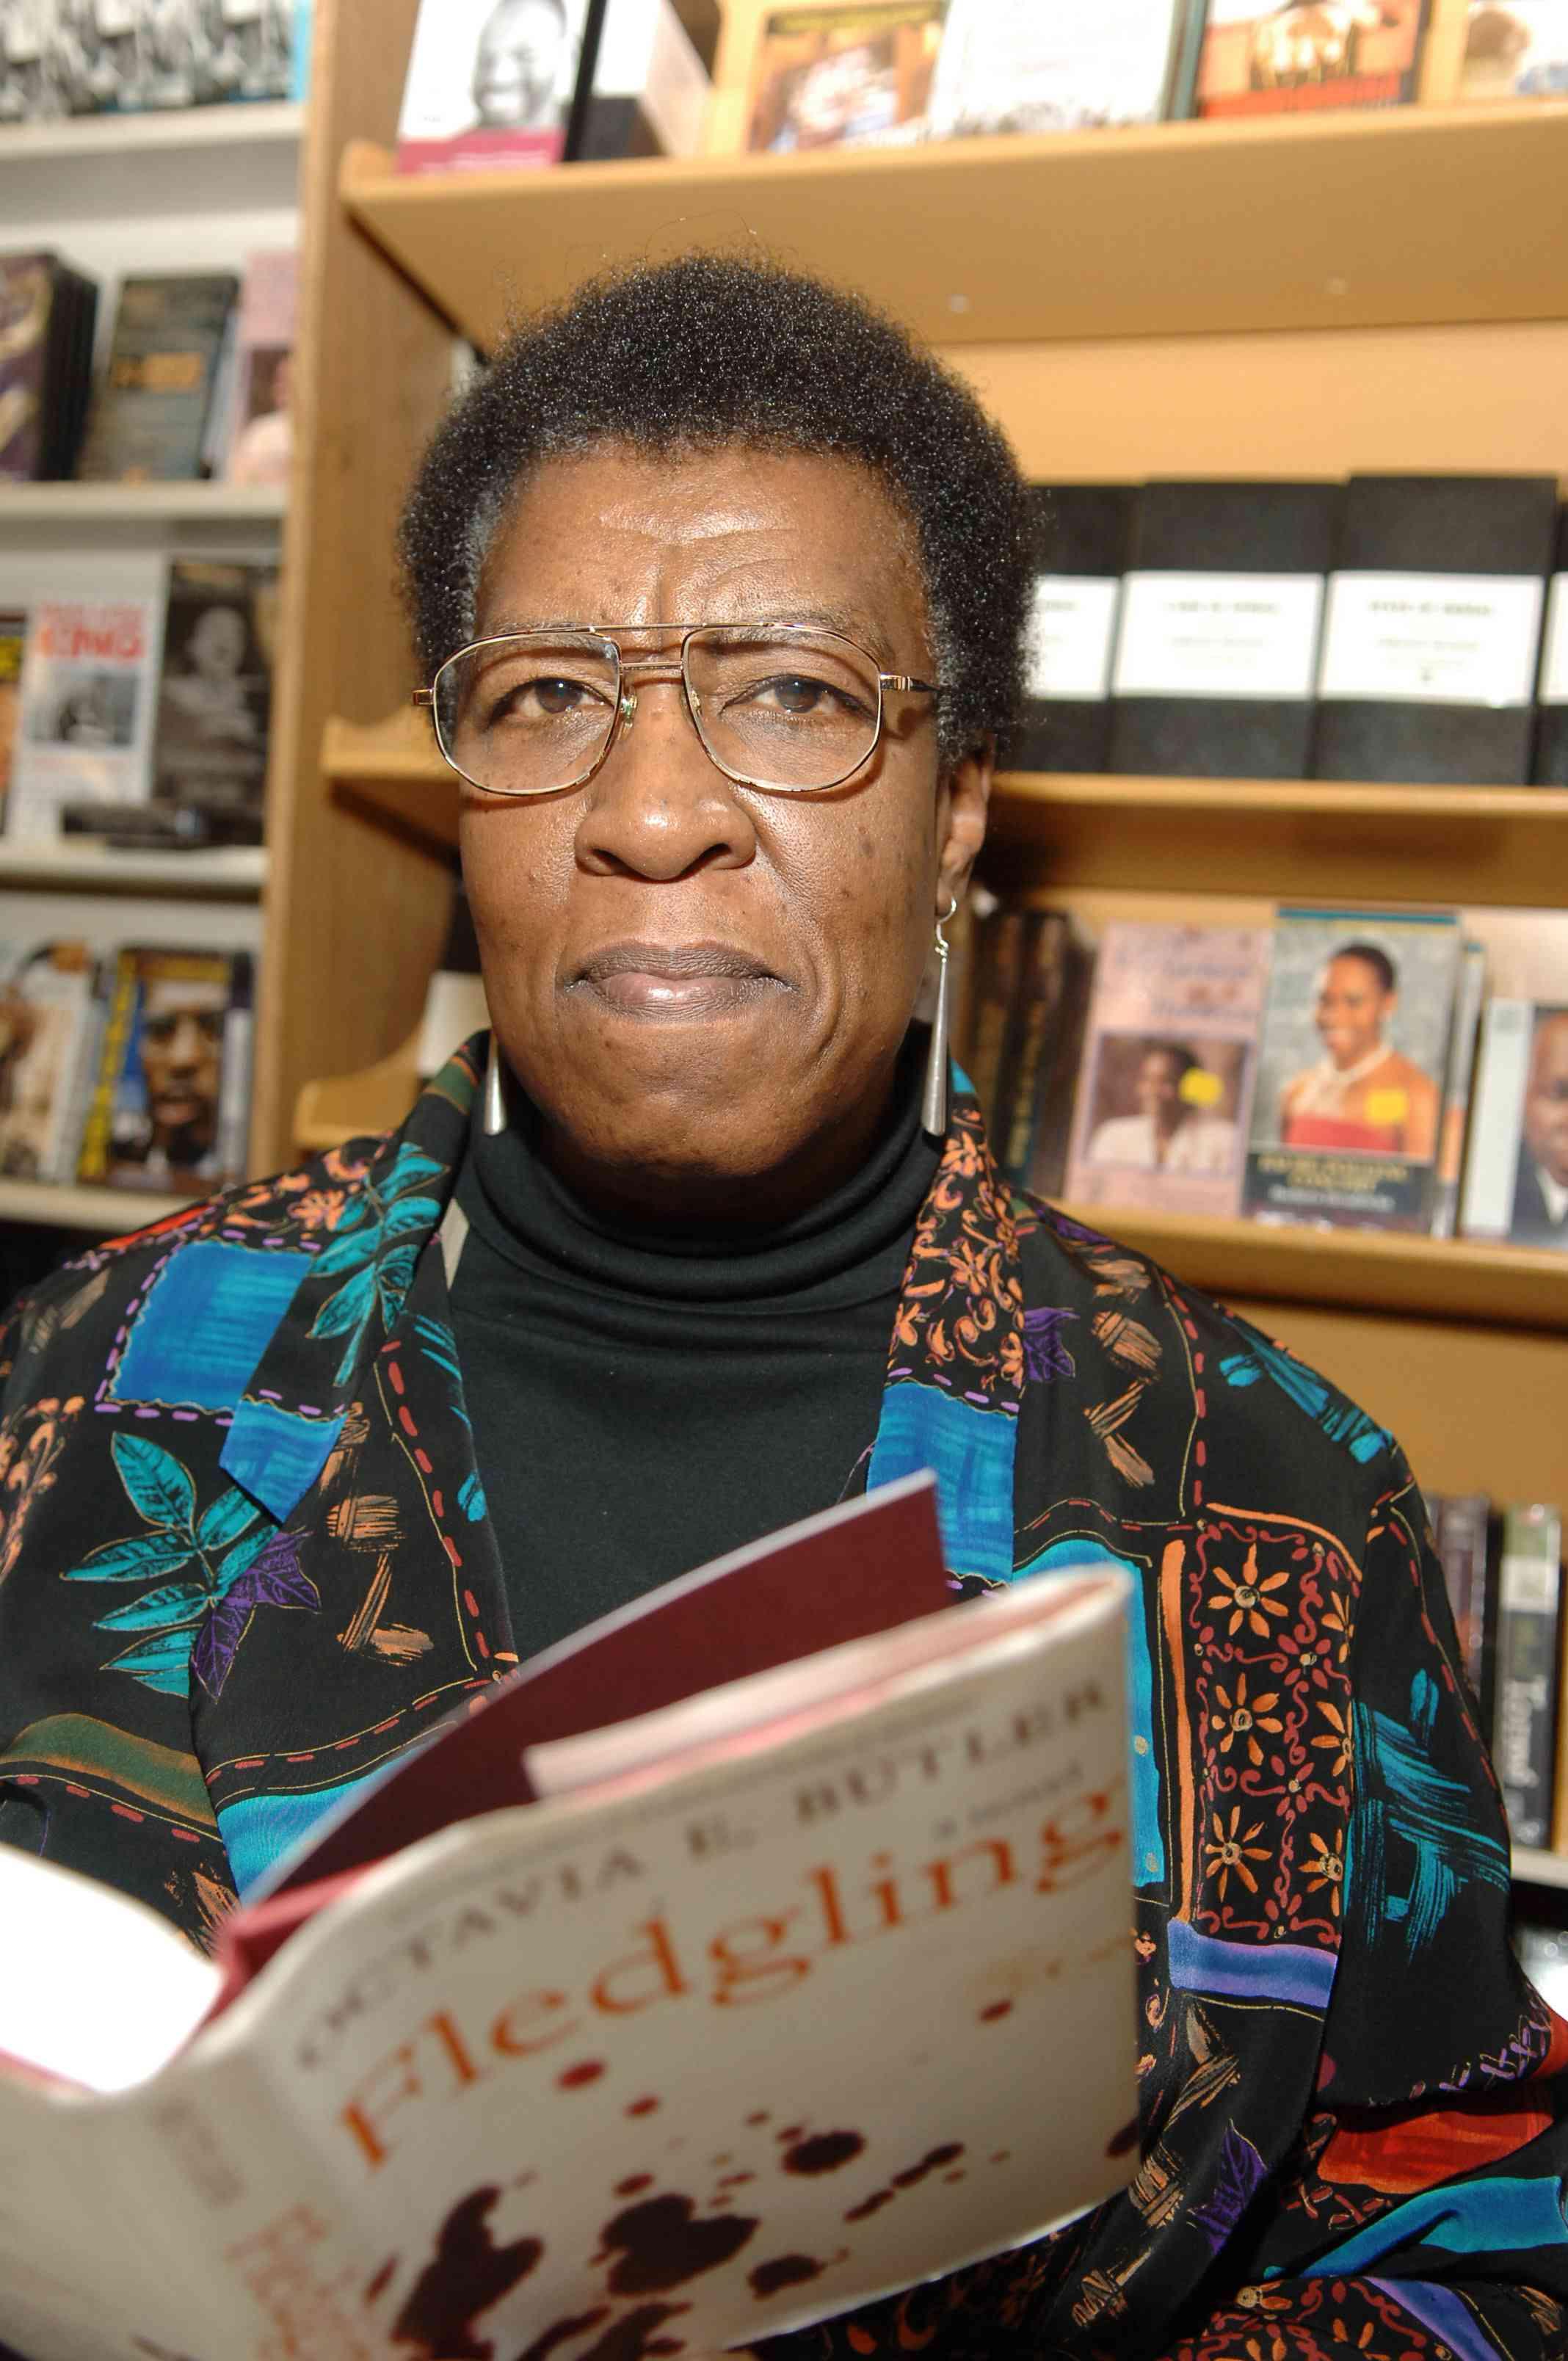 Octavia E. Butler with her novel Fledgling